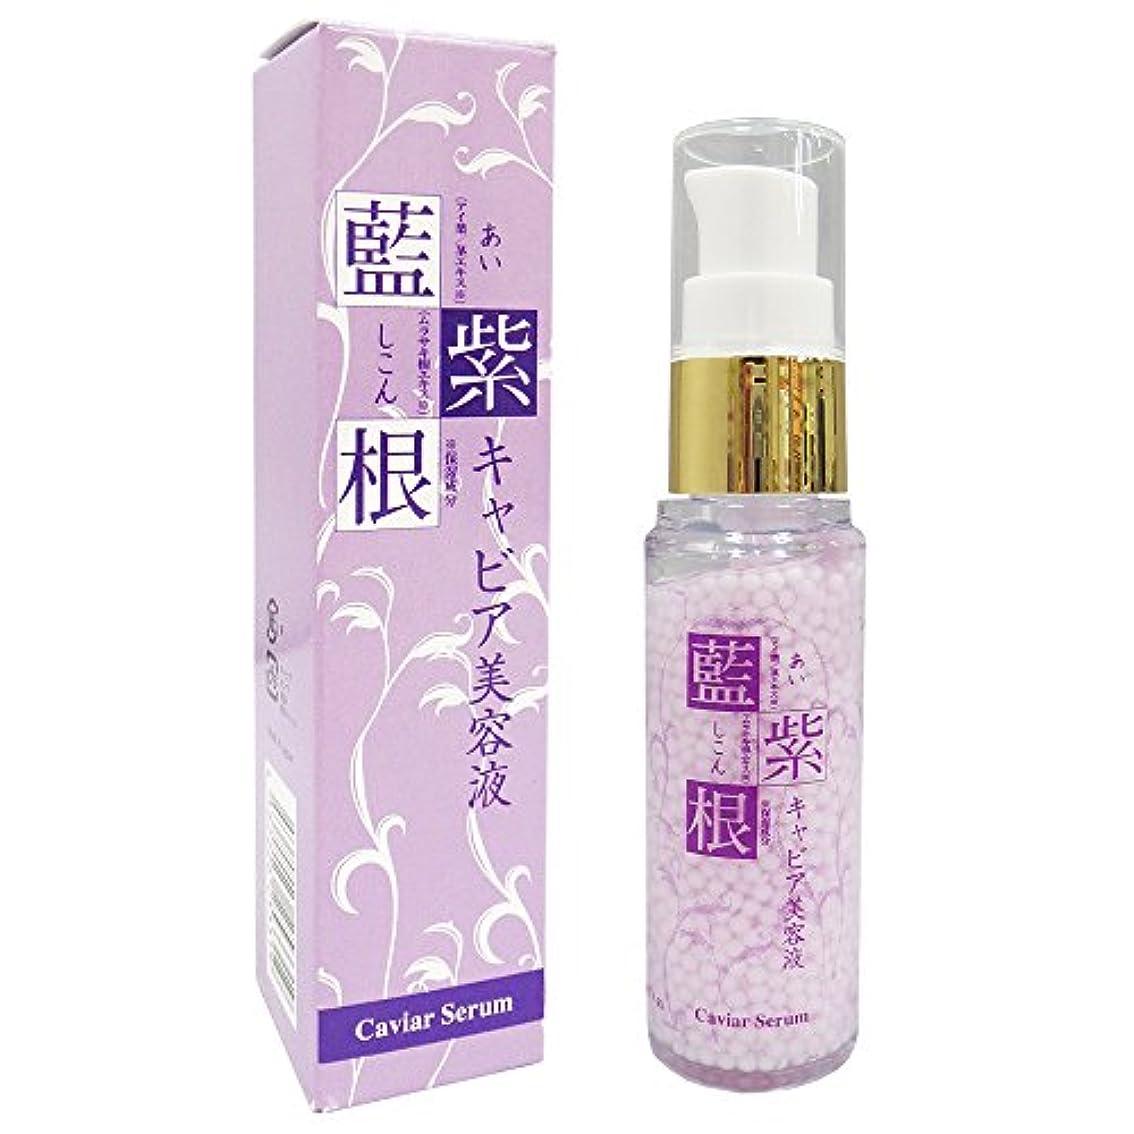 試用私たち吸う藍と紫根のキャビア美容液 30g